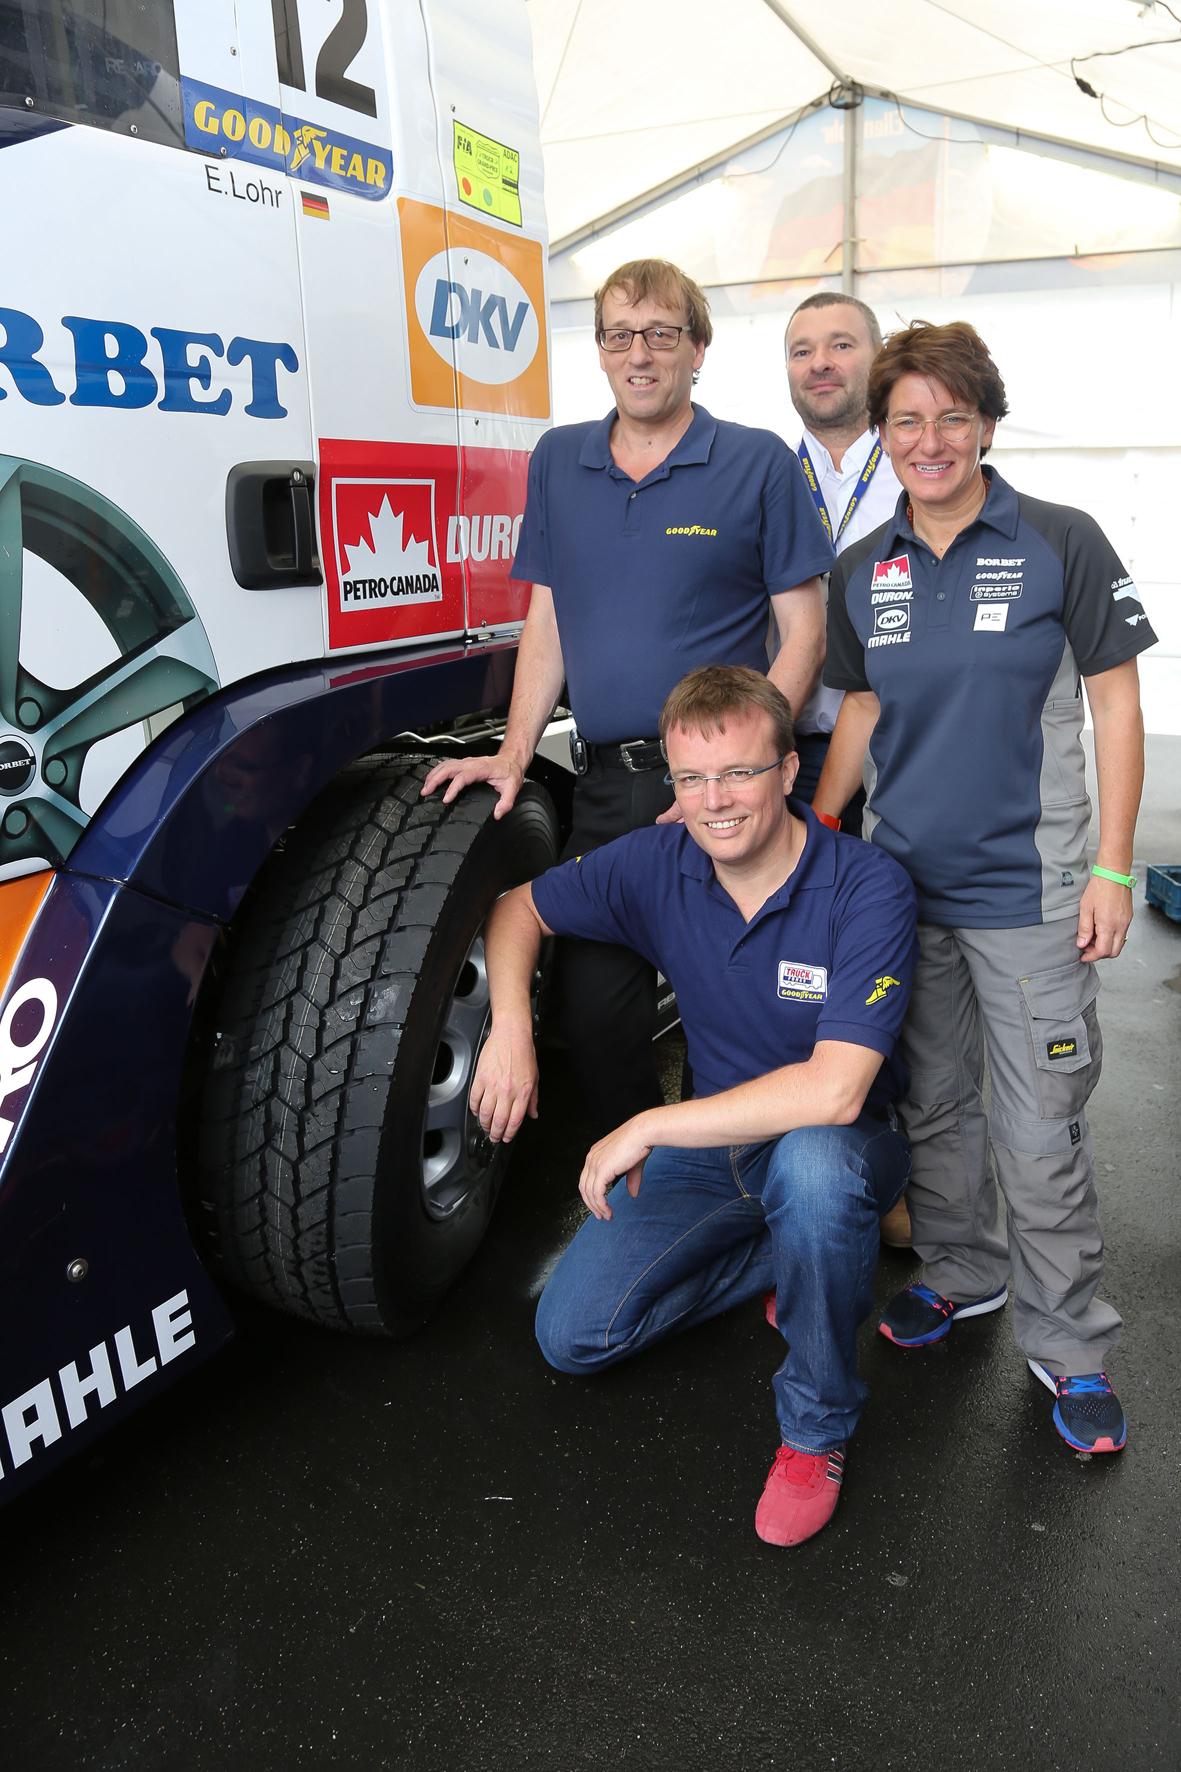 mid Hanau - Auf dem Truck-Grand-Prix auf dem Nürburgring wurde der Goodyear Ultra Grip Max T vorgestellt. Mit dabei war auch Renn-Lkw-Pilotin Ellen Lohr (ganz rechts).